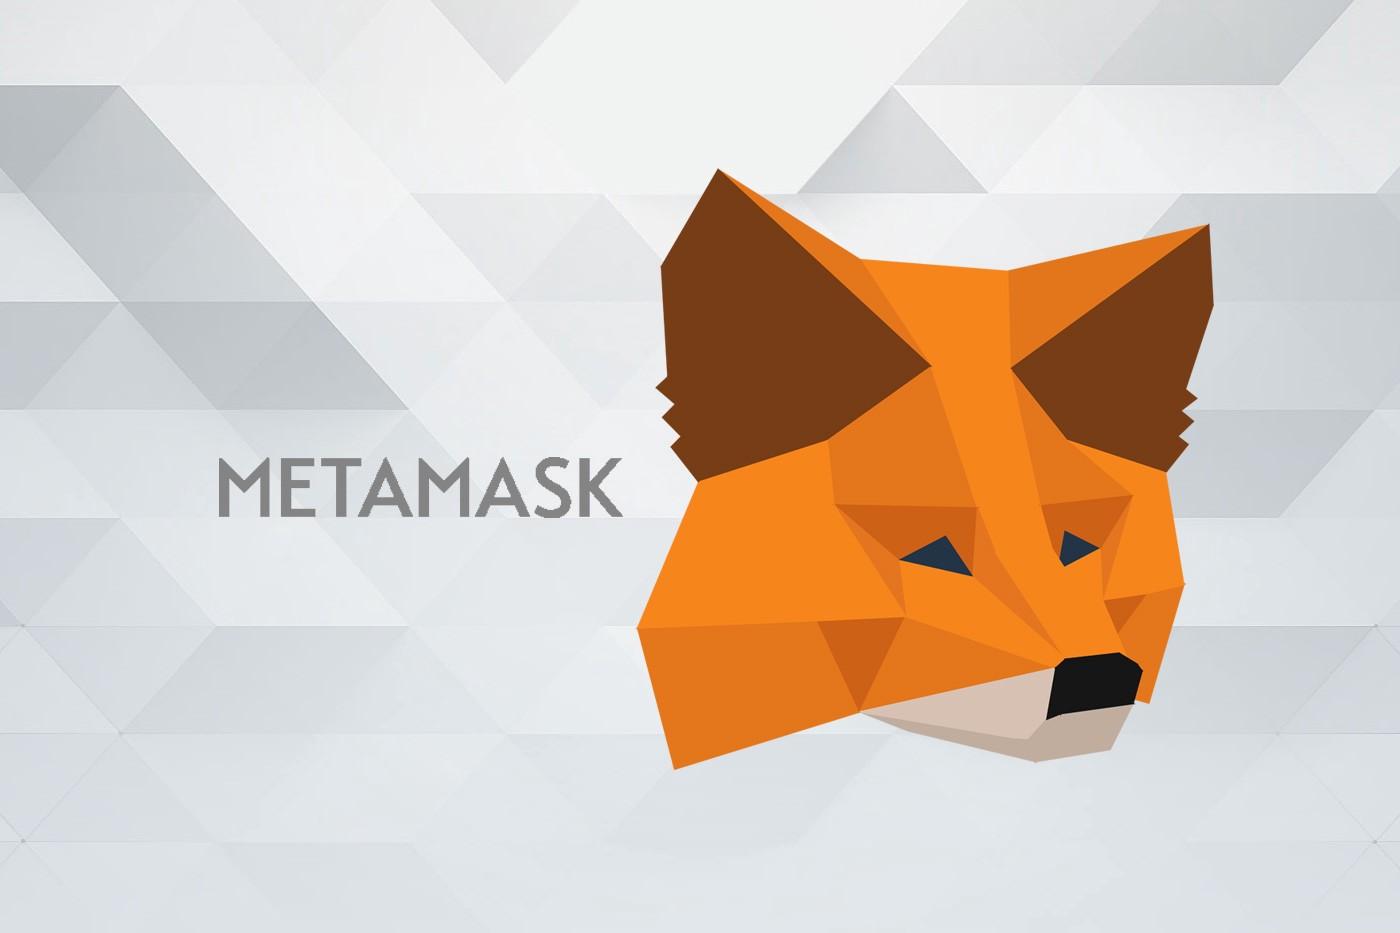 Google MetaMask Uygulamasını Yeniden Ekledi